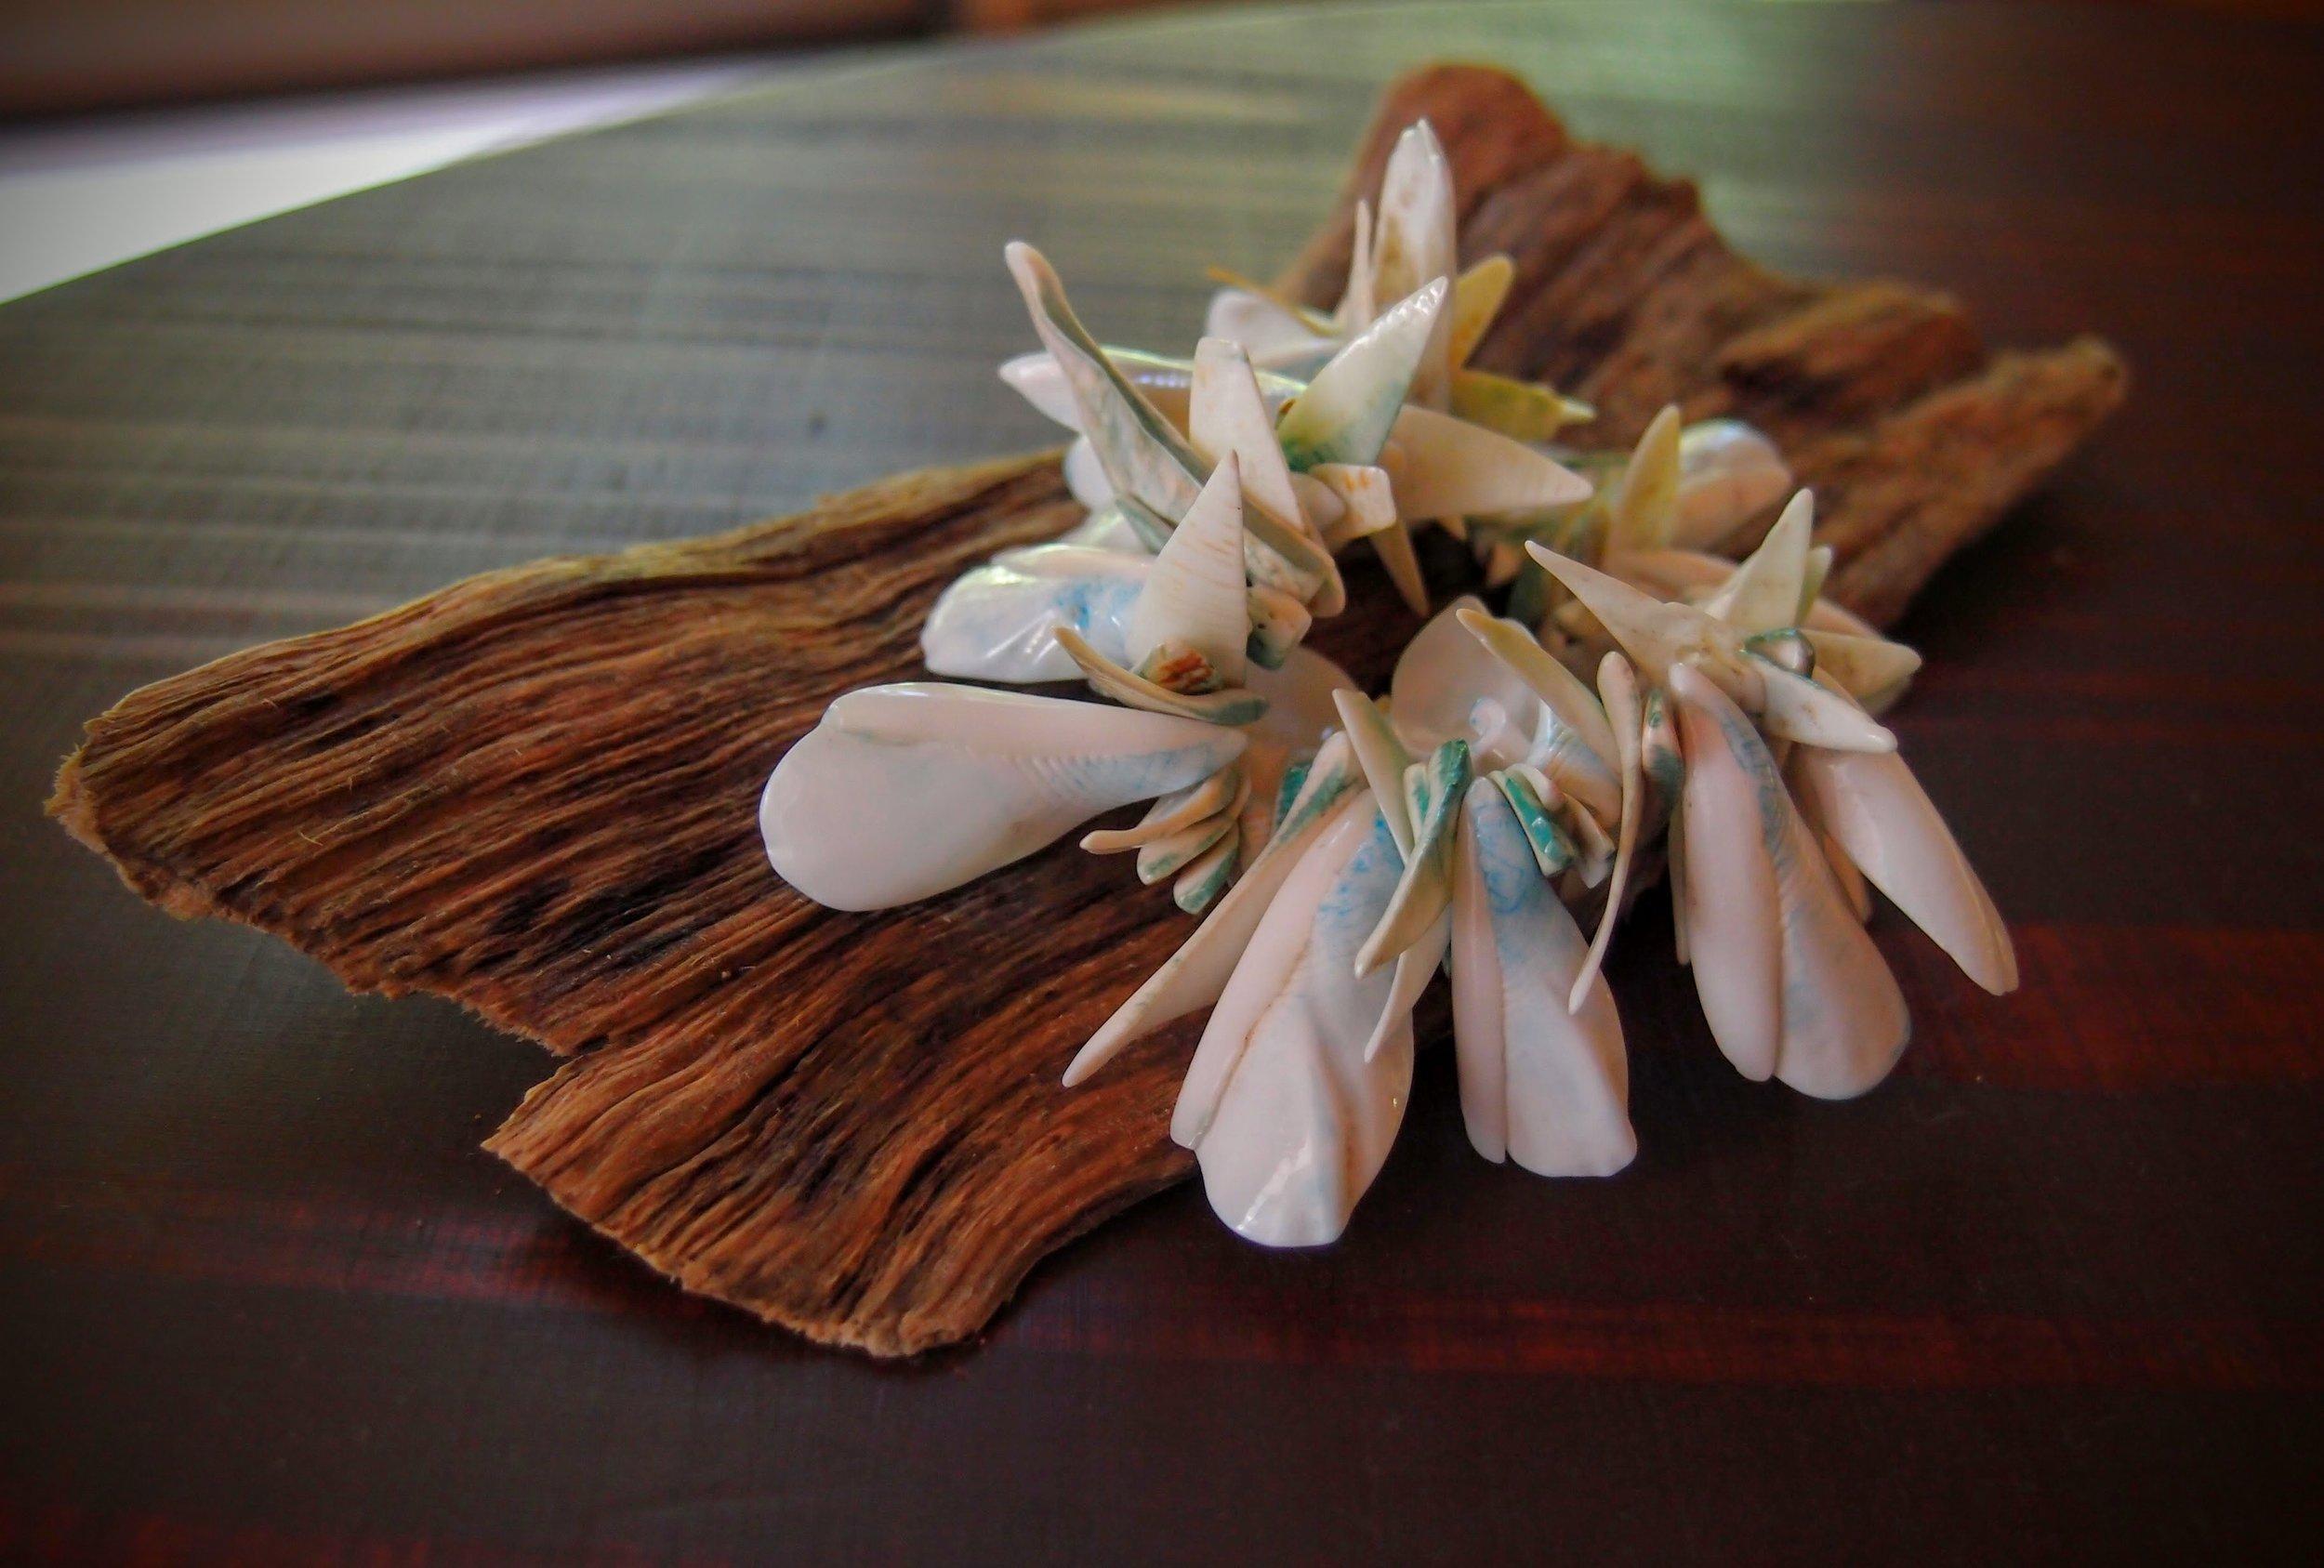 マユカさんからいただいたブレスレット。下に敷かれているのは屋久島の流木で、自宅でもこのセットで置いています。